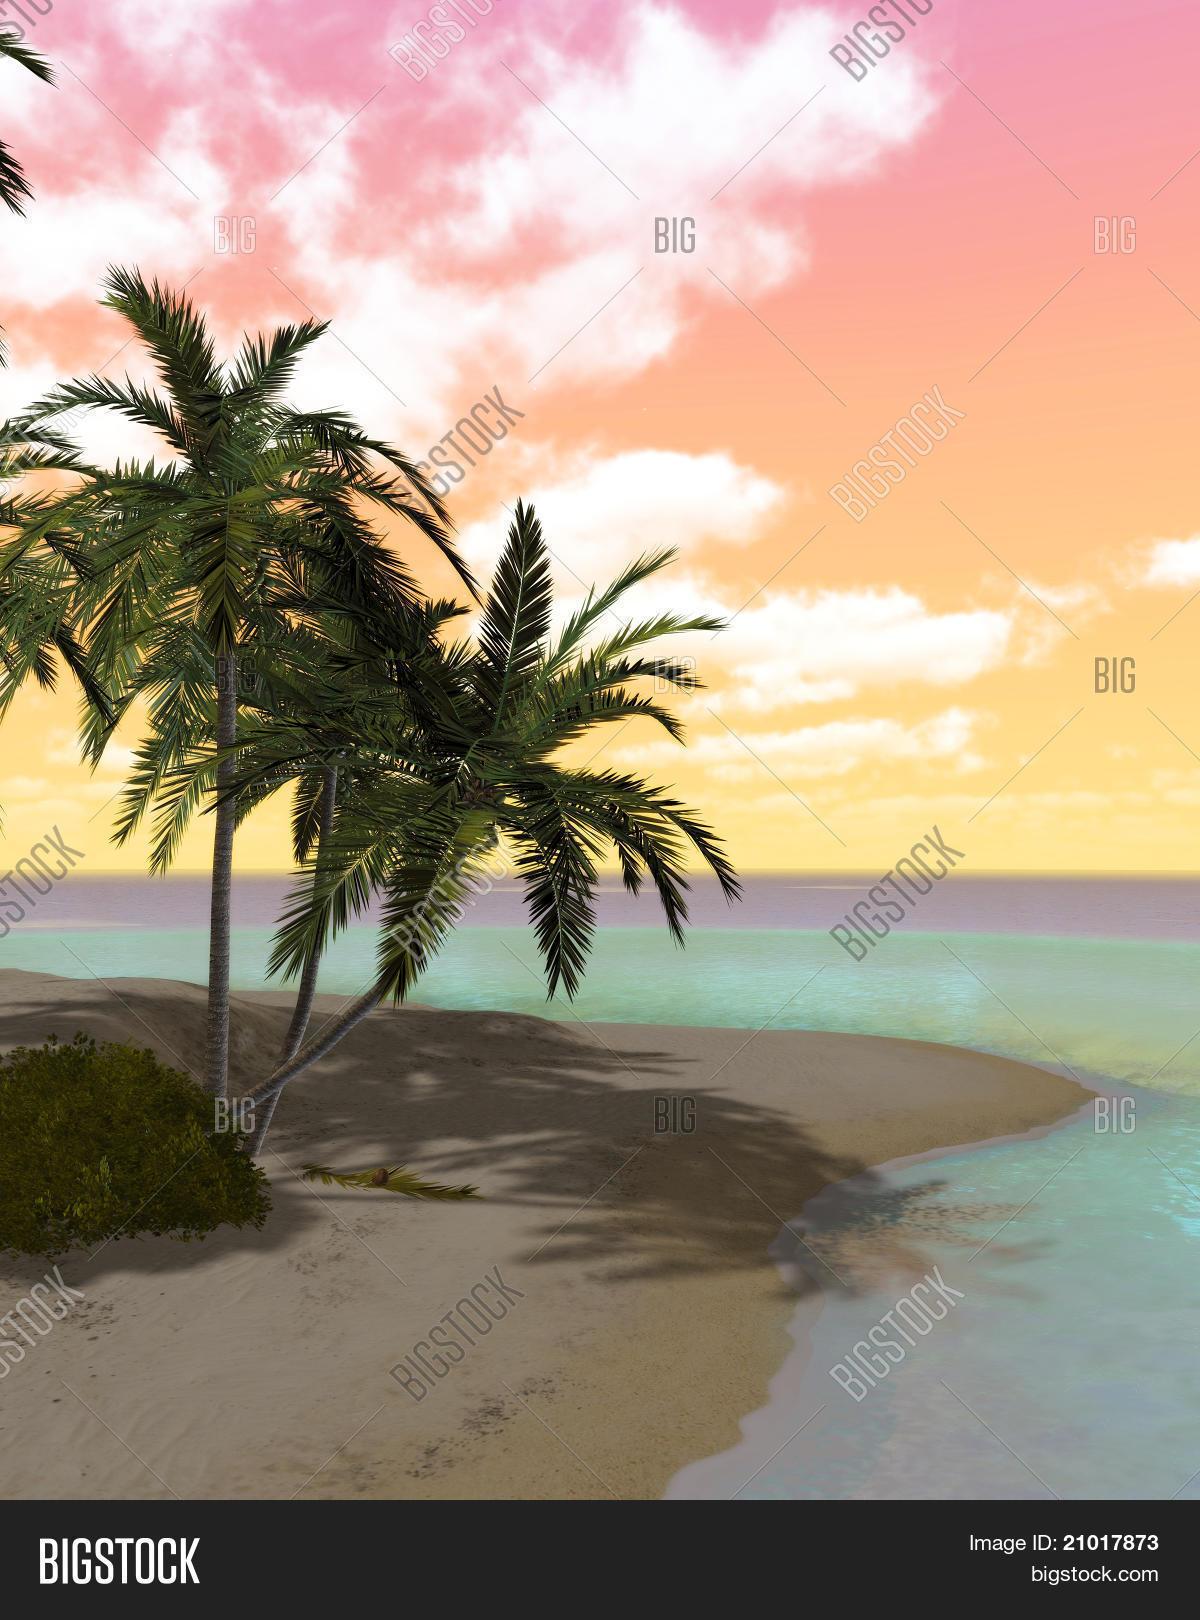 Desert Island dating het nemen van een lange pauze van dating